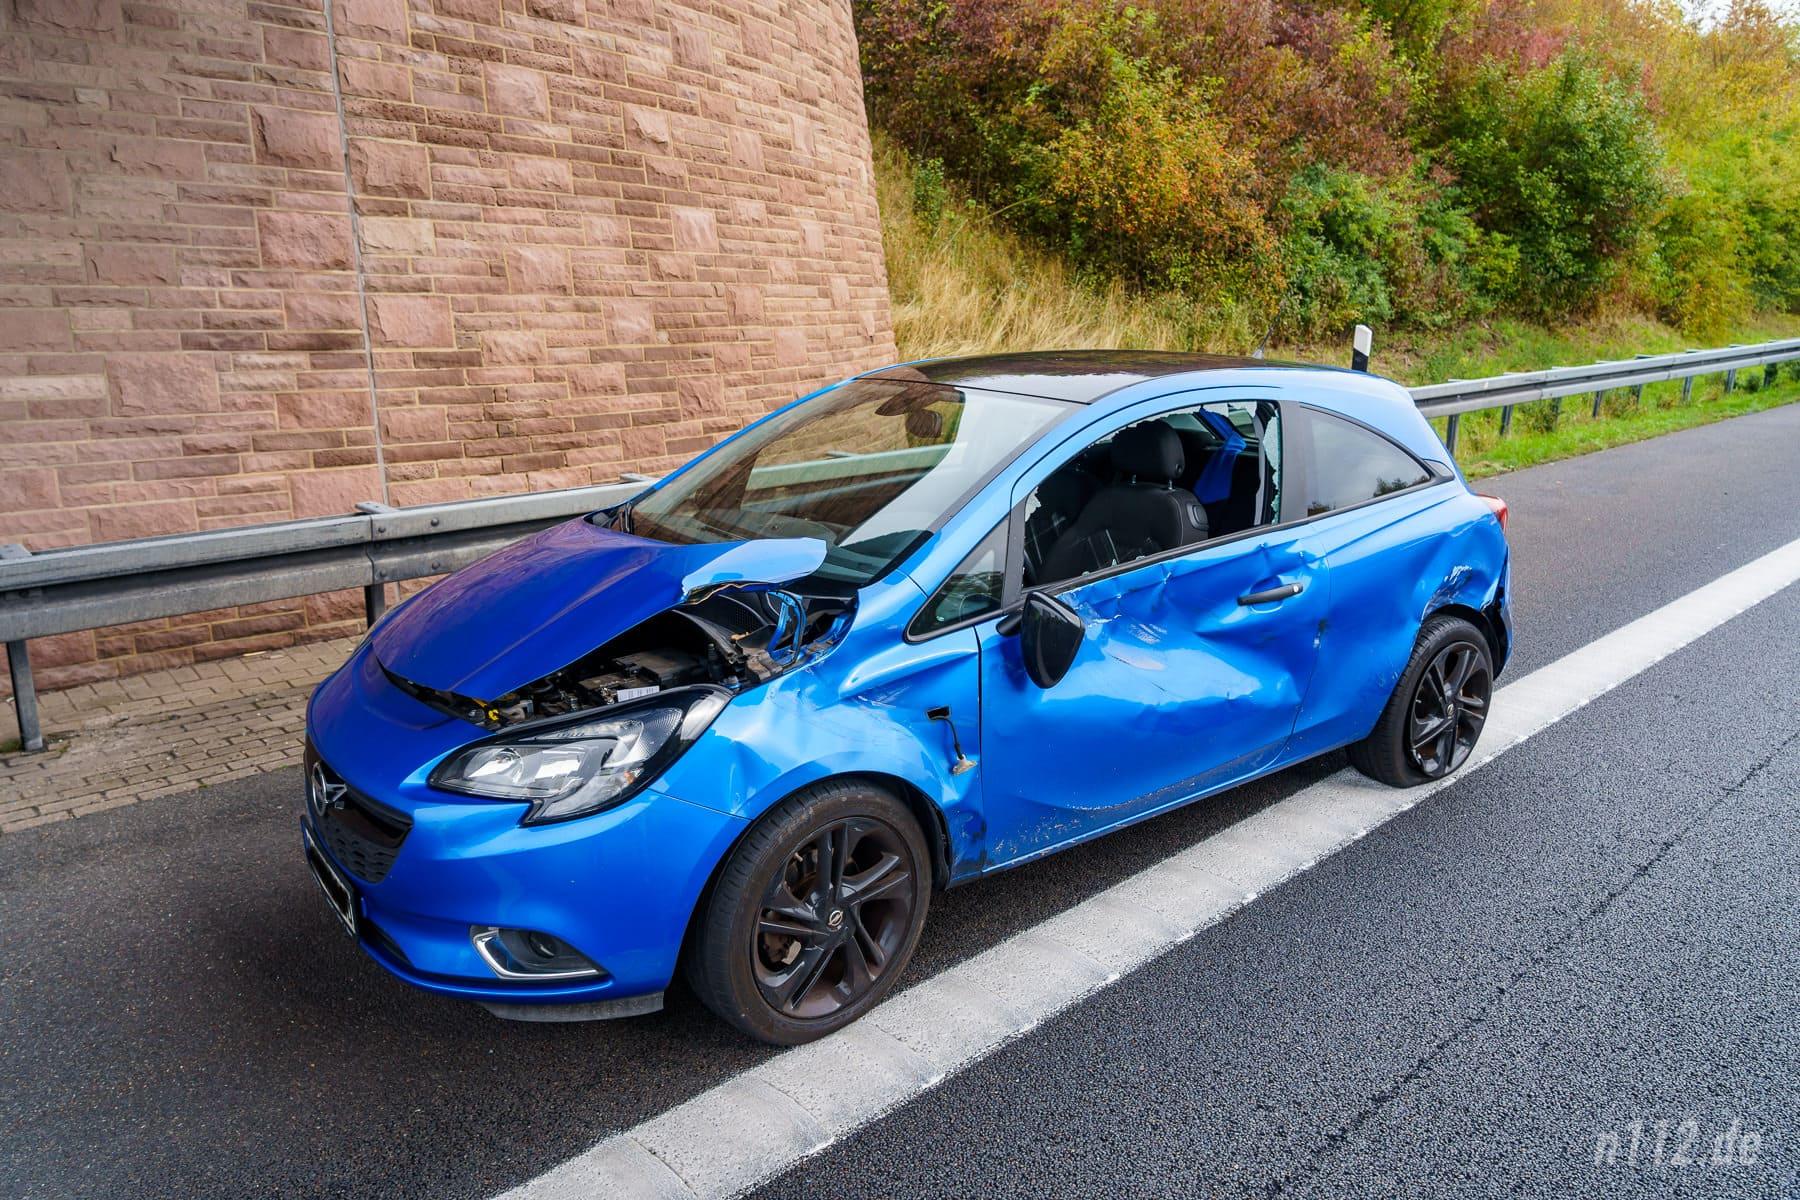 Der 27-jährige Beifahrer wurde leicht verletzt, die 24-jährige Fahrerin des Opel blieb unversehrt (Foto: n112.de/Stefan Simonsen)